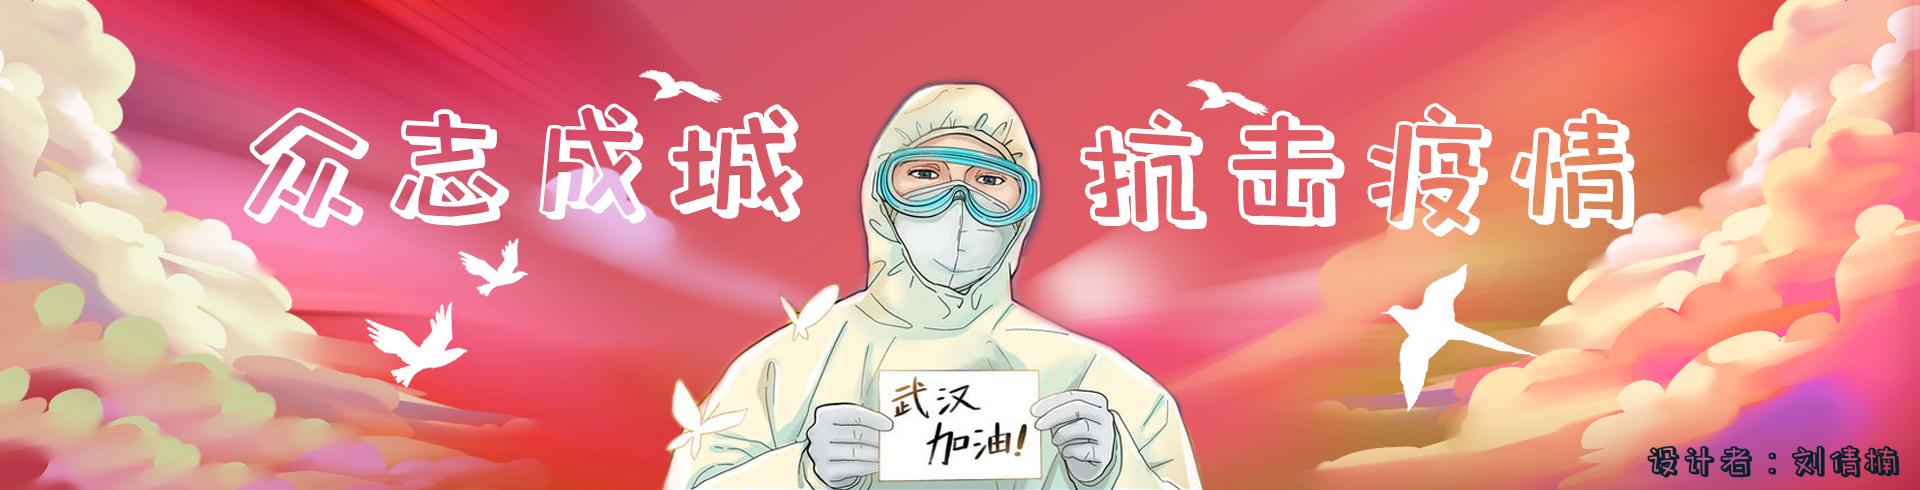 福建省新增新型冠状病毒感染的肺炎疫情情况